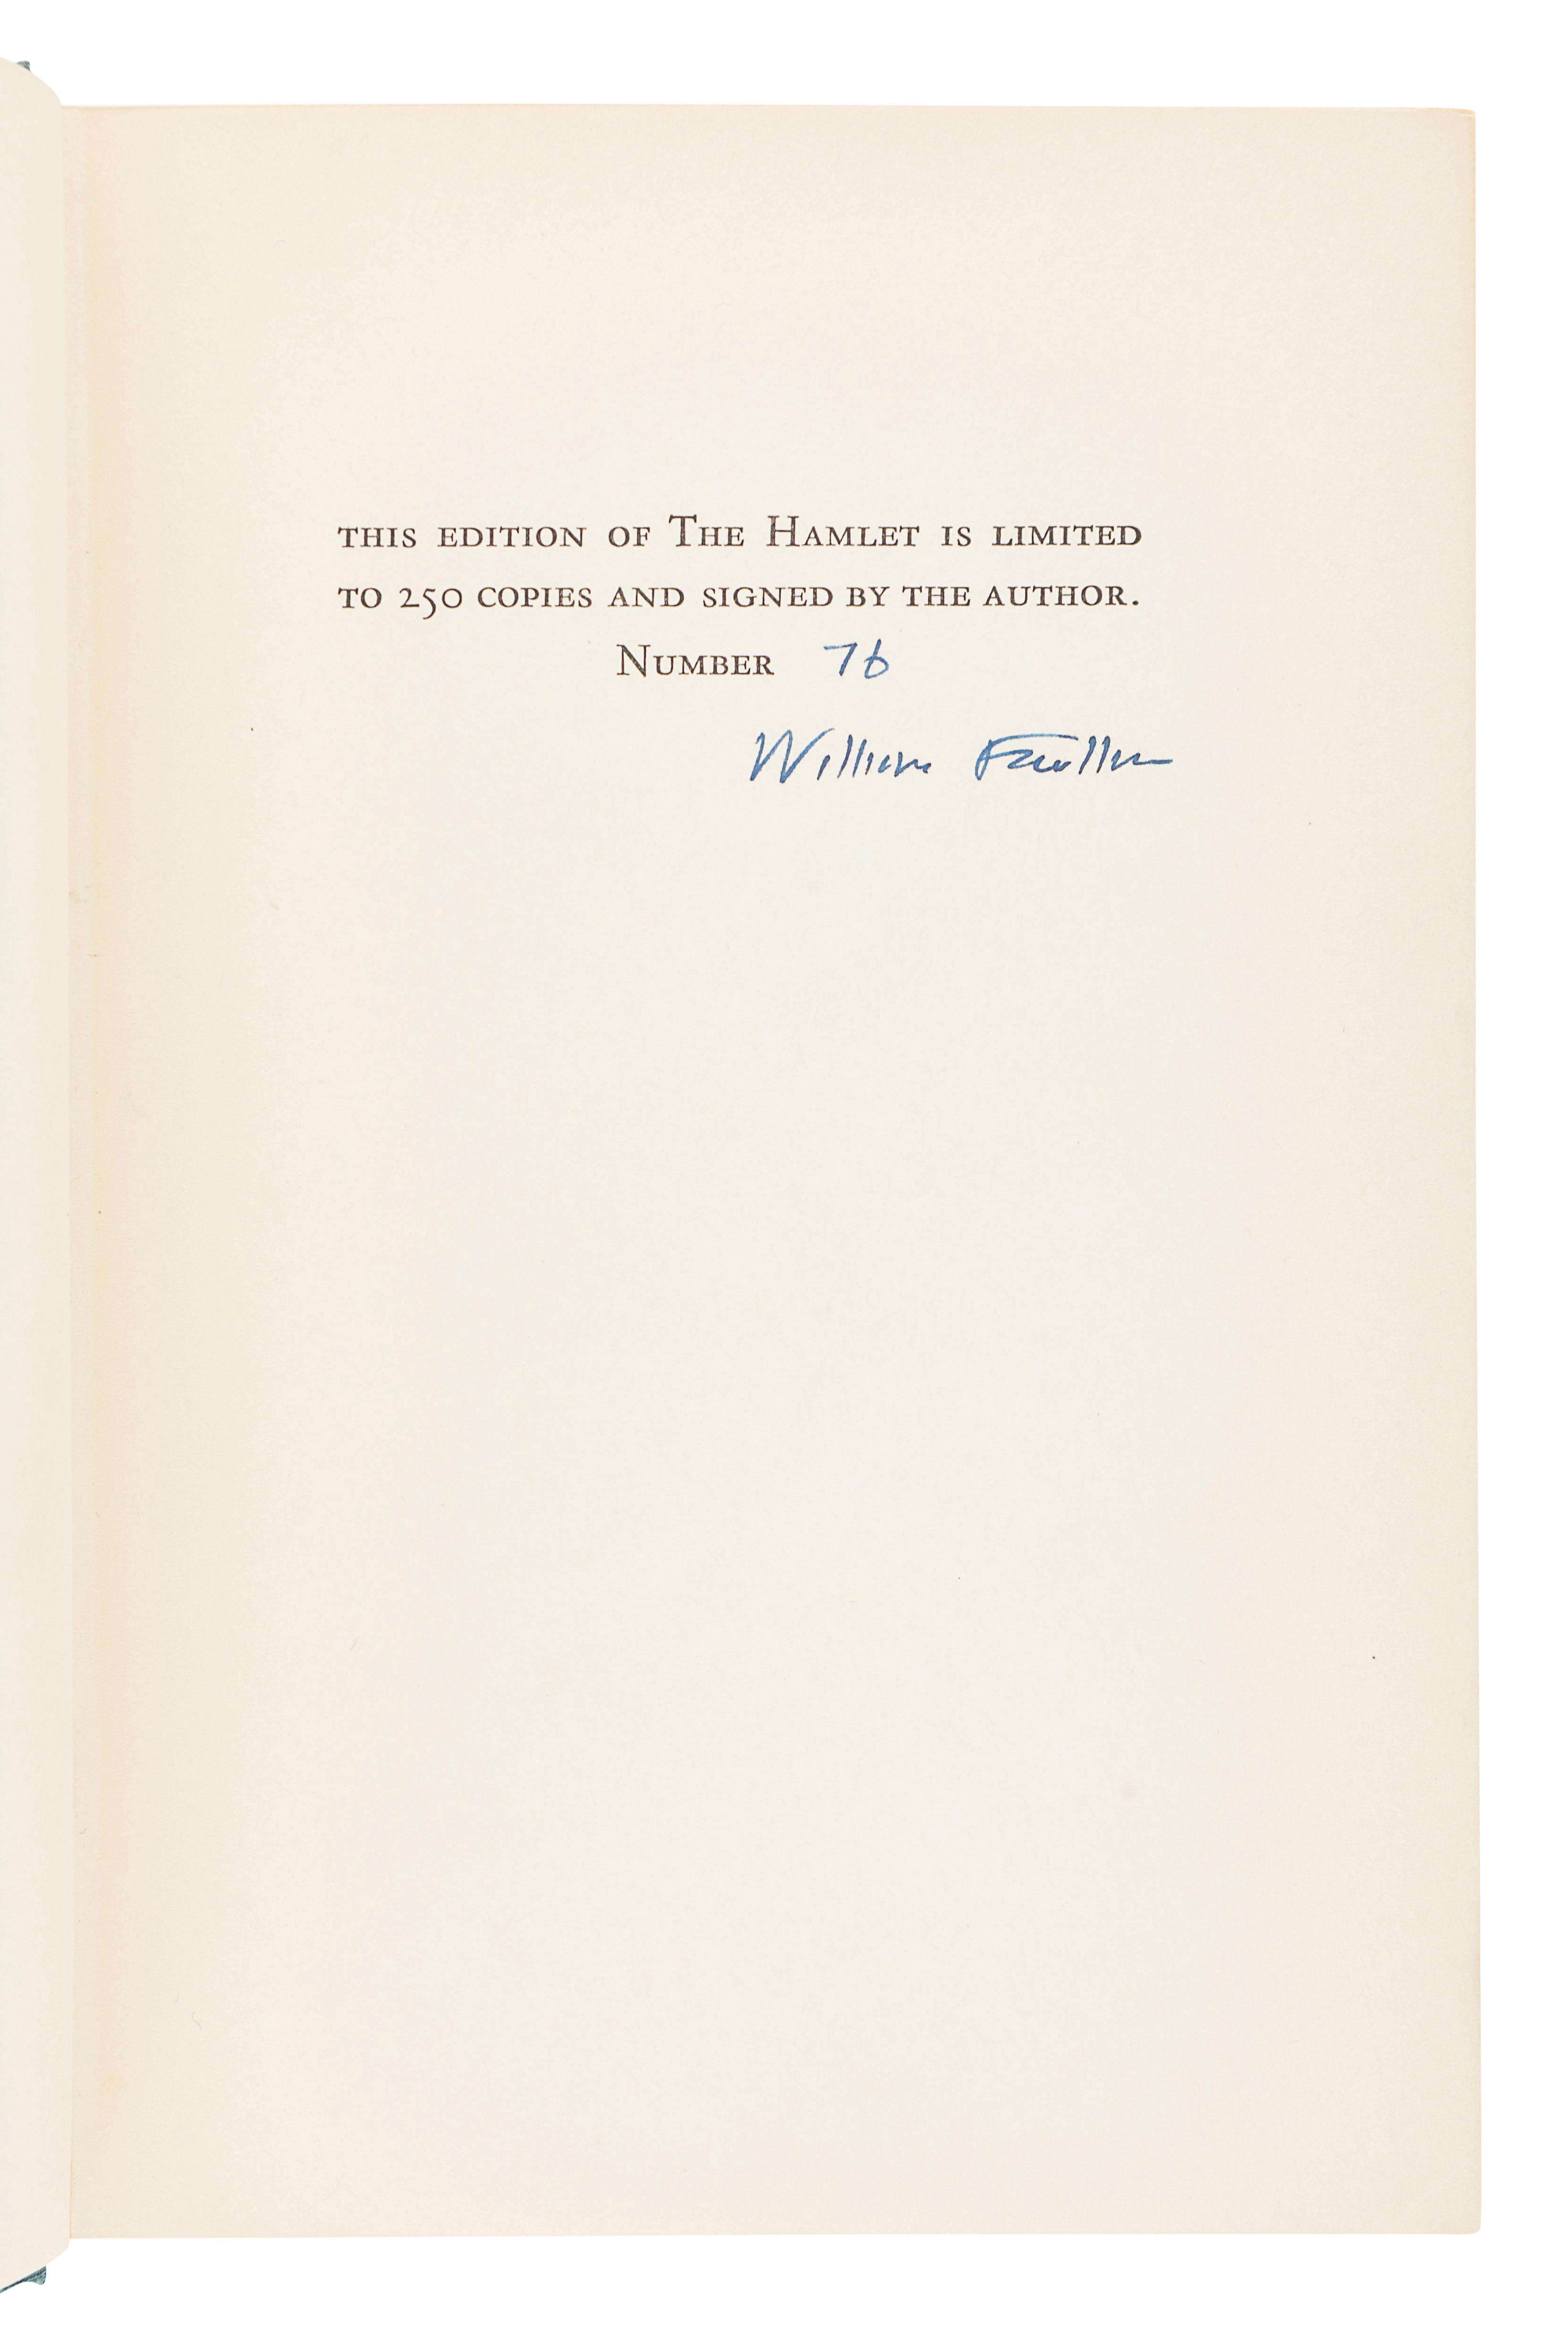 FAULKNER, William (1897-1962). The Hamlet. New York: Random House, 1940.